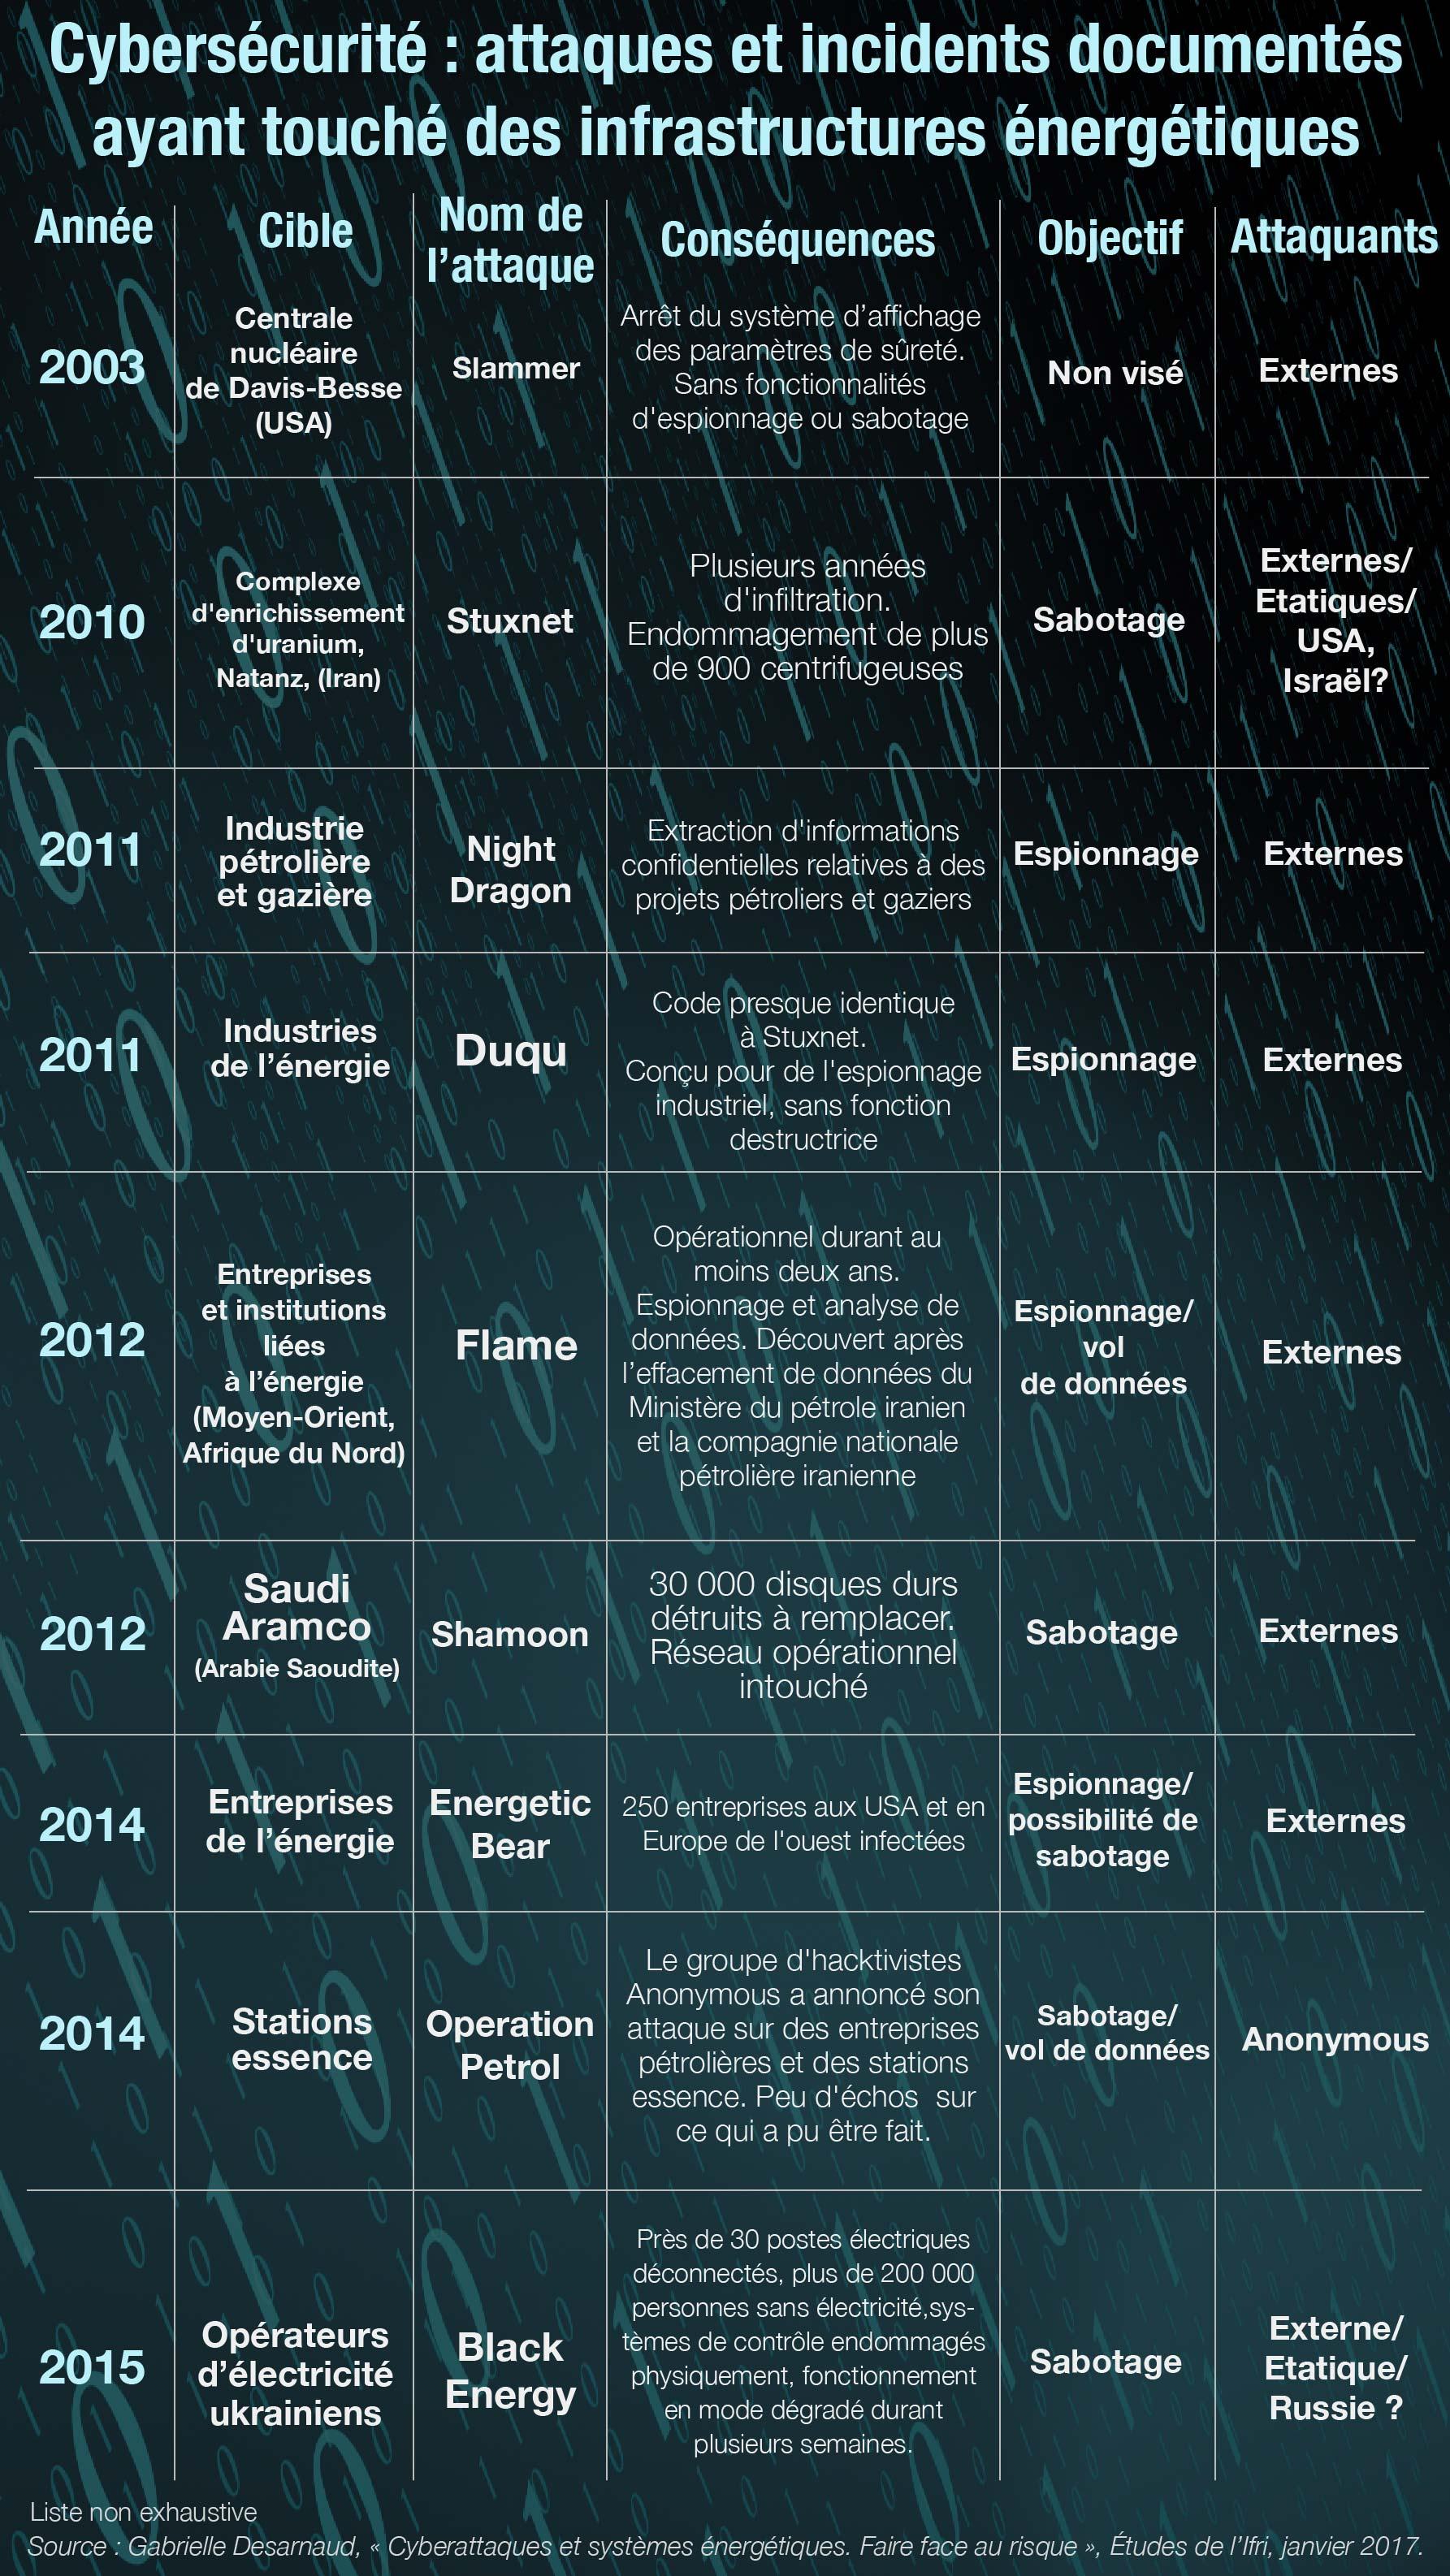 Principales cyberattaques ayant touché le secteur énergétique